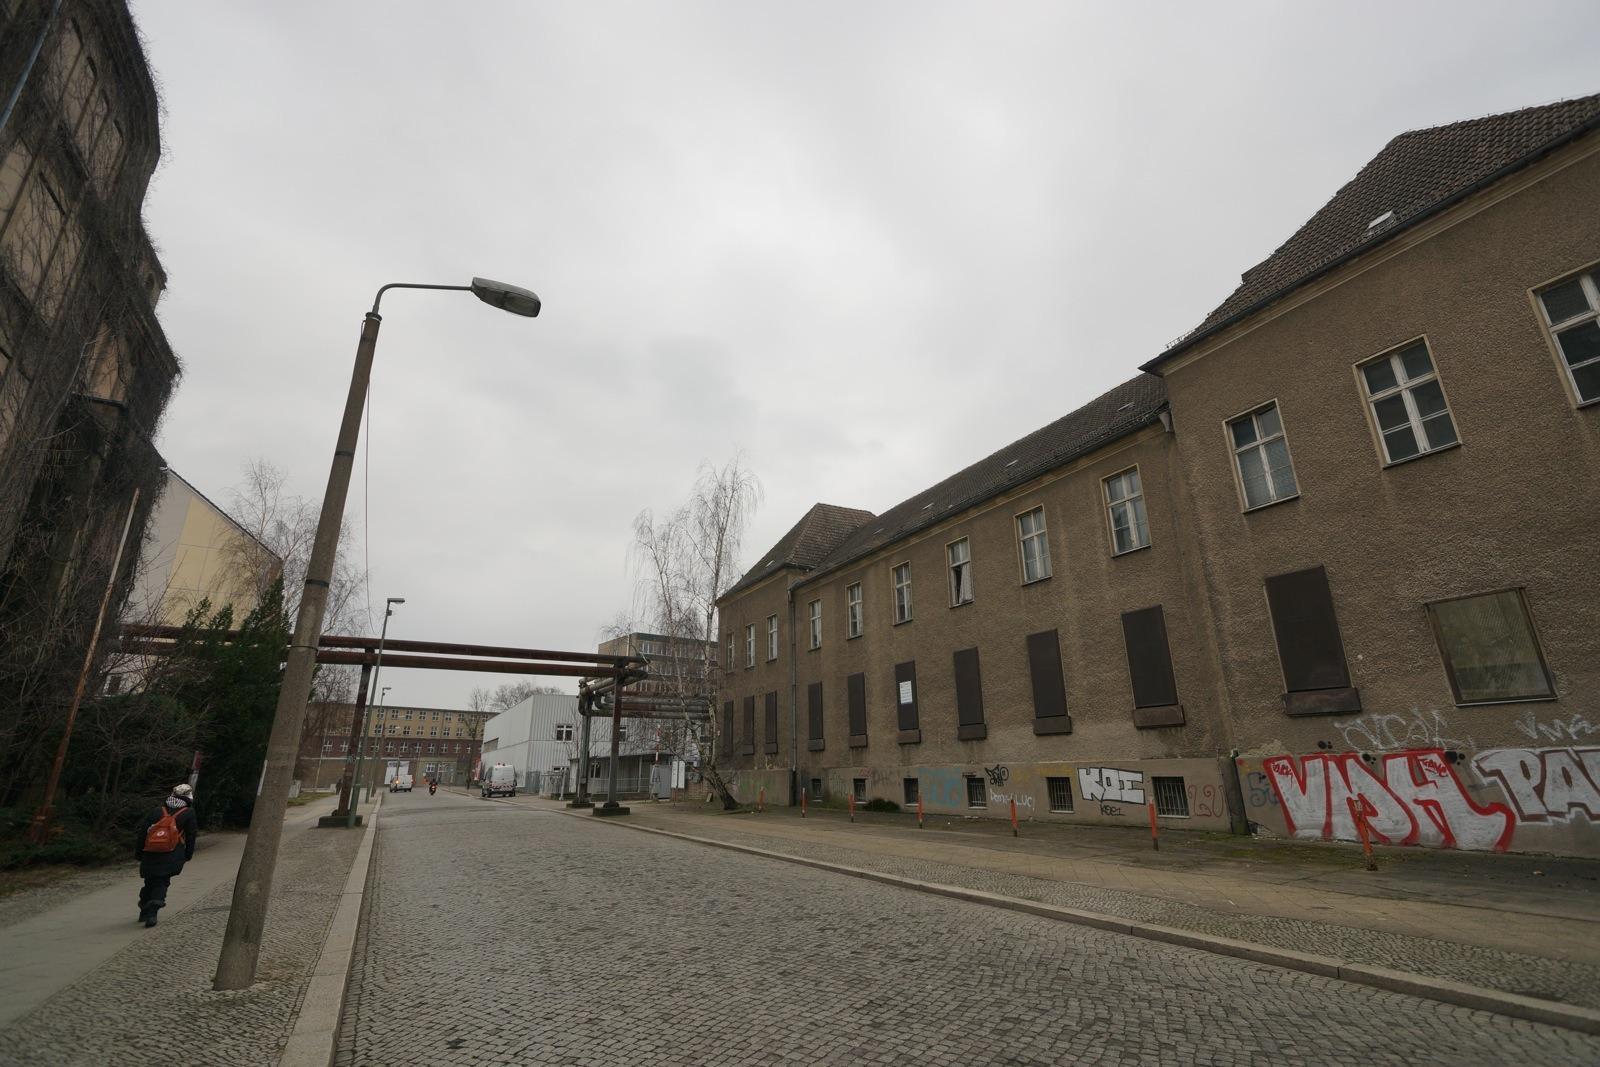 東德秘密警察辦公大樓(左)及日用品工廠(右);中間是煤氣管,過去正是監獄的大門。